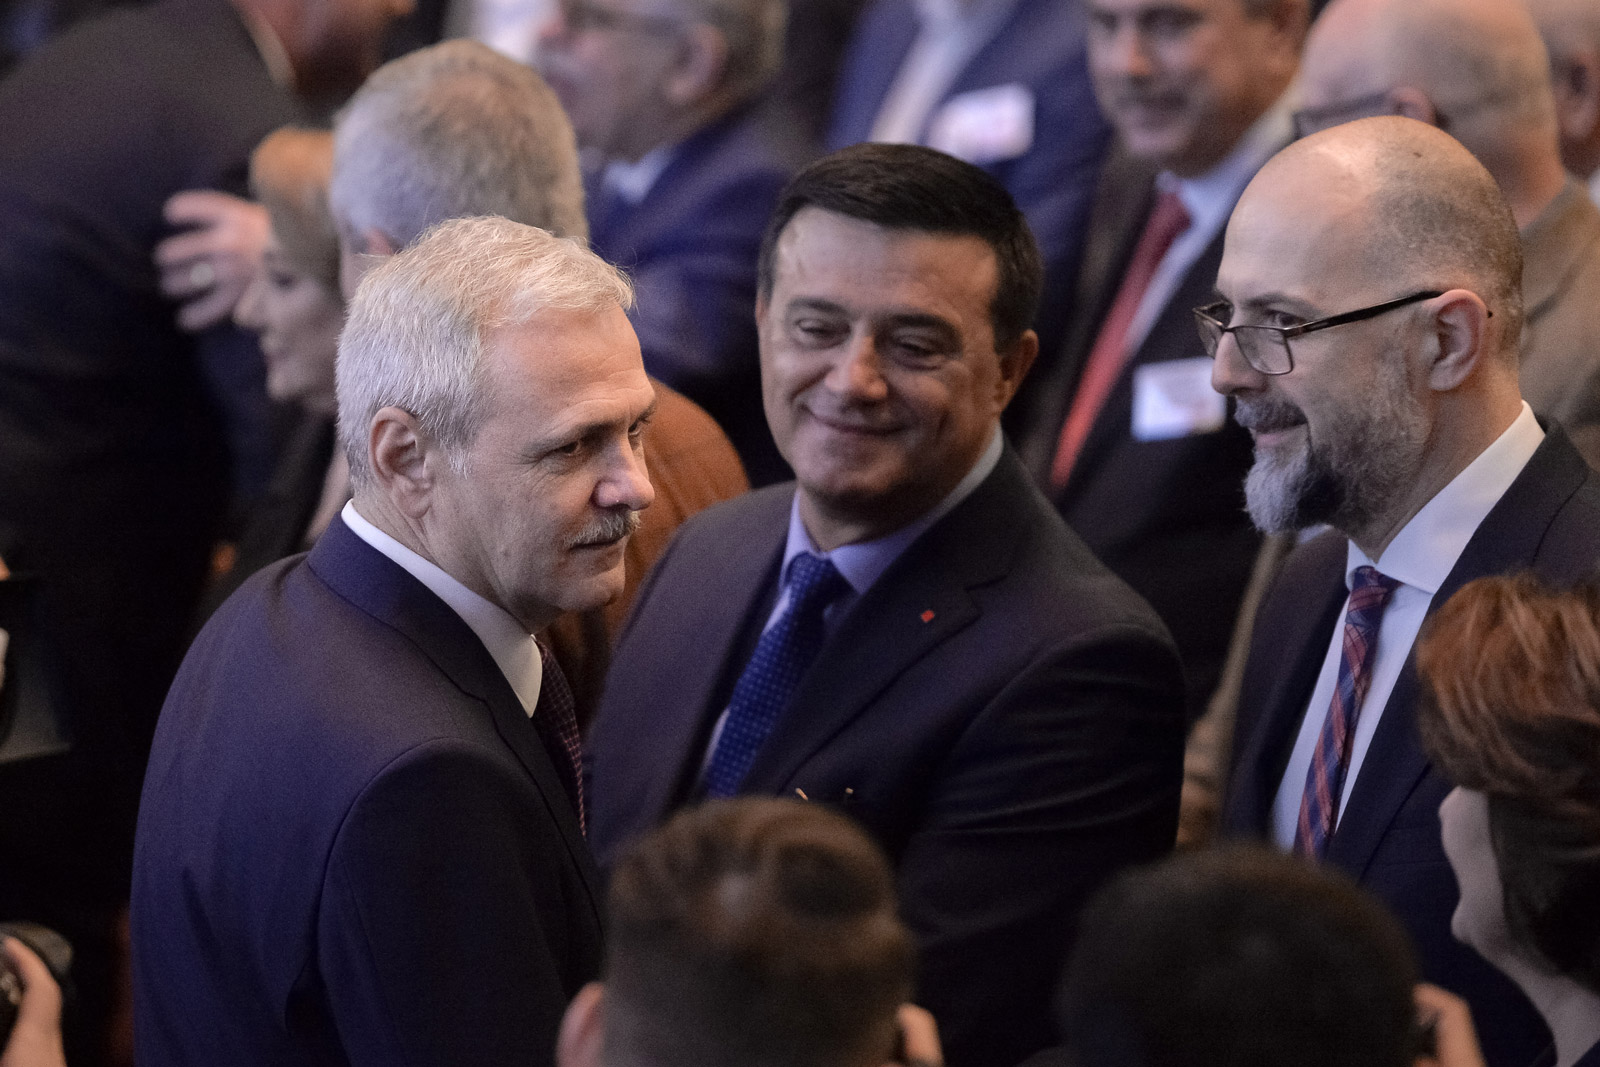 Liviu Dragnea (stânga), alături de Nicolae Bădălău (centru), înainte de izbucnirea conflictelor interne în PSD / Foto: Mediafax Foto, Alexandru Dobre